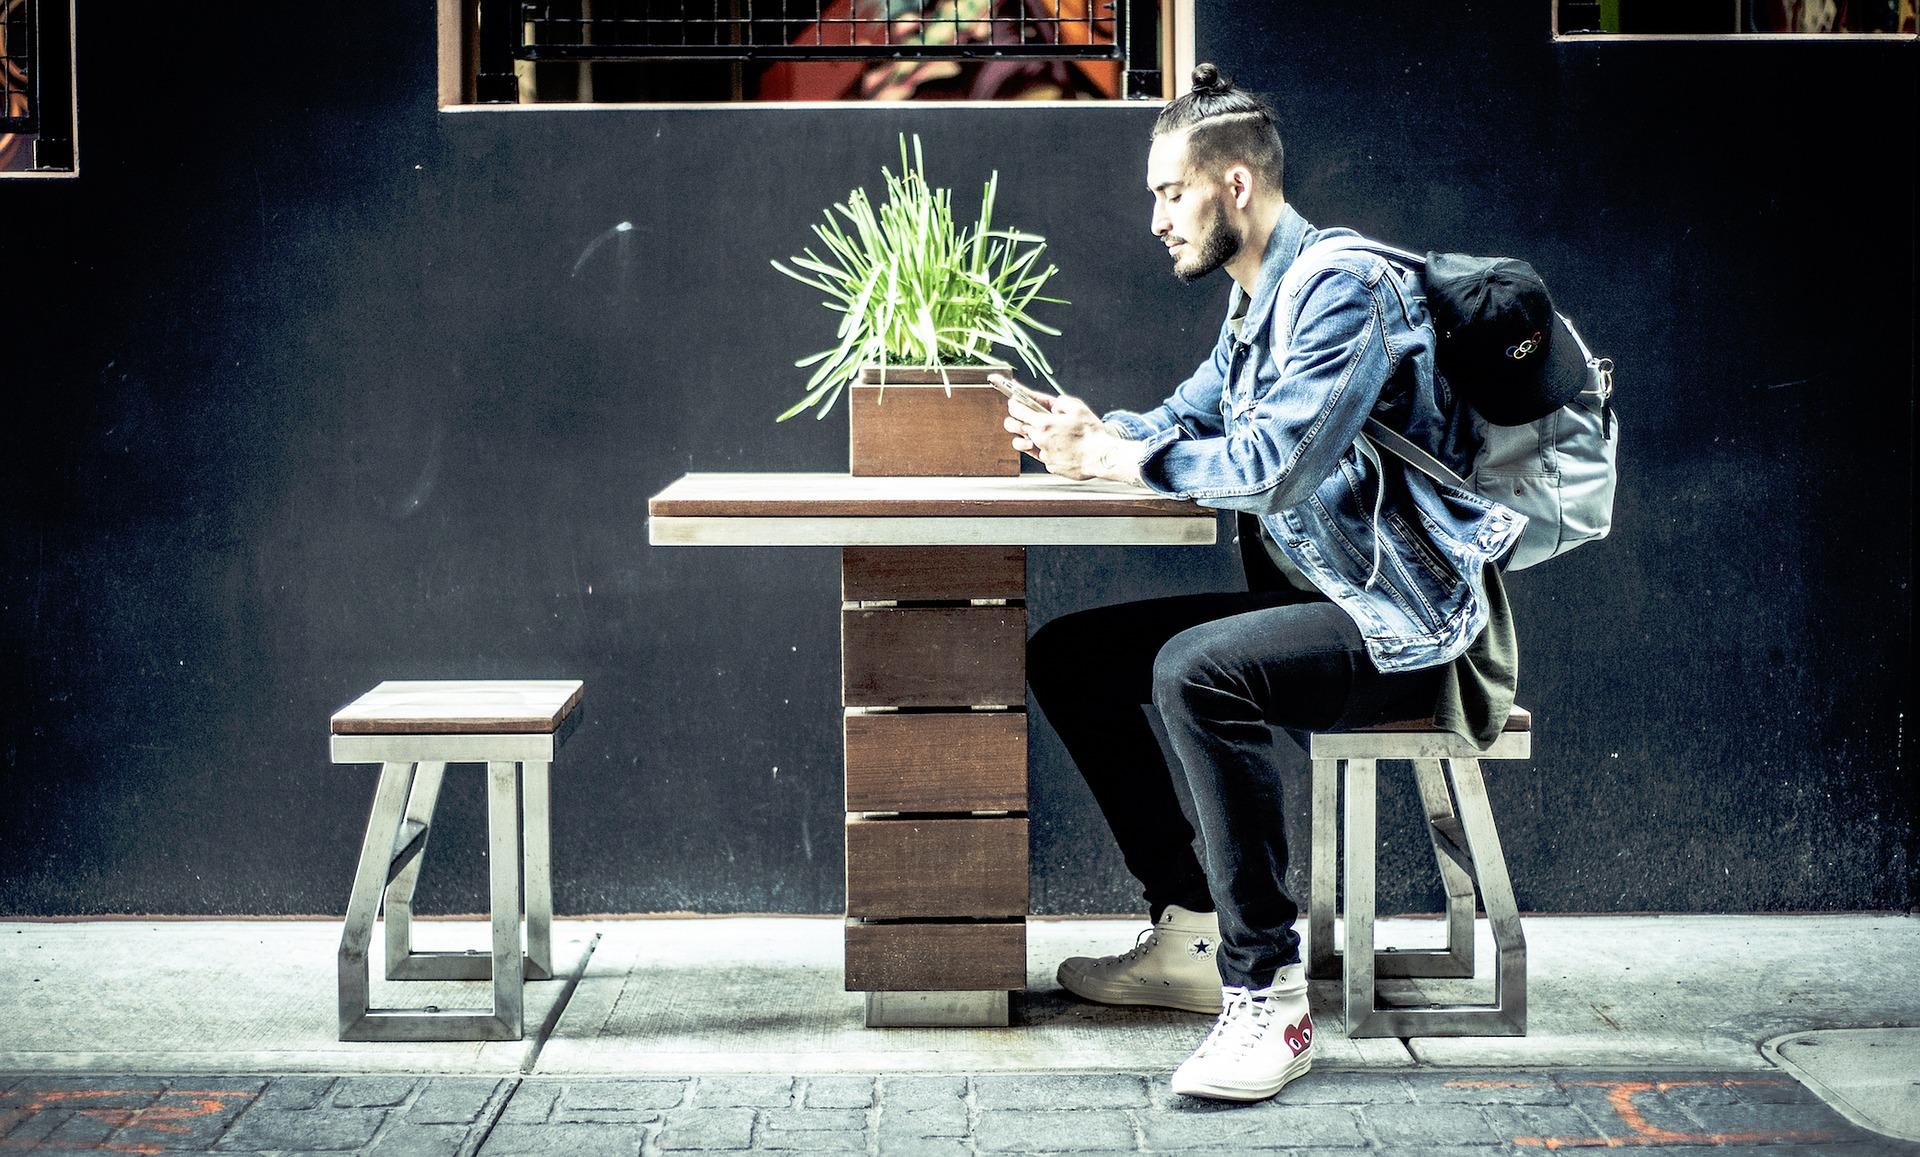 Millennials y Generación Z son más orientados a la sostenibilidad, incluso cuando se trata de dinero